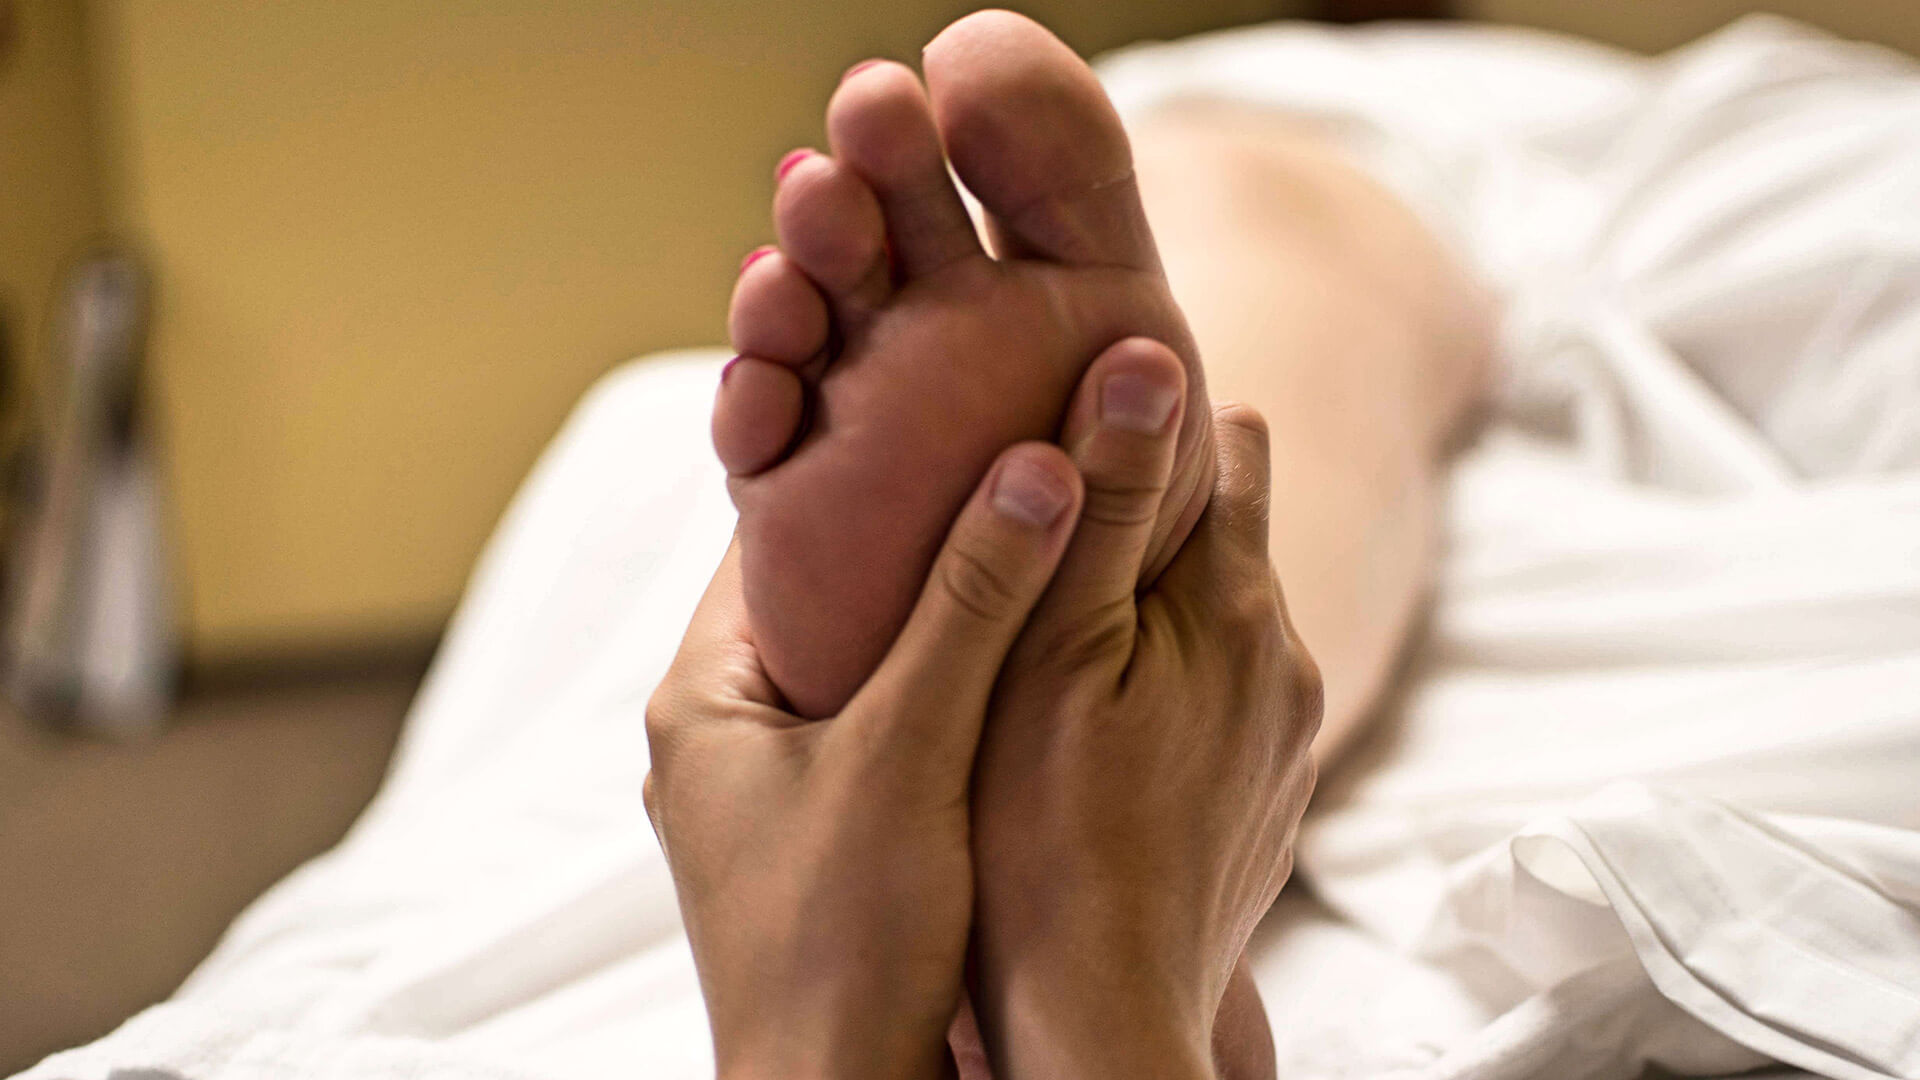 Ganzheitliches Wohlbefinden steigern mit Fußreflexzonen Punkte